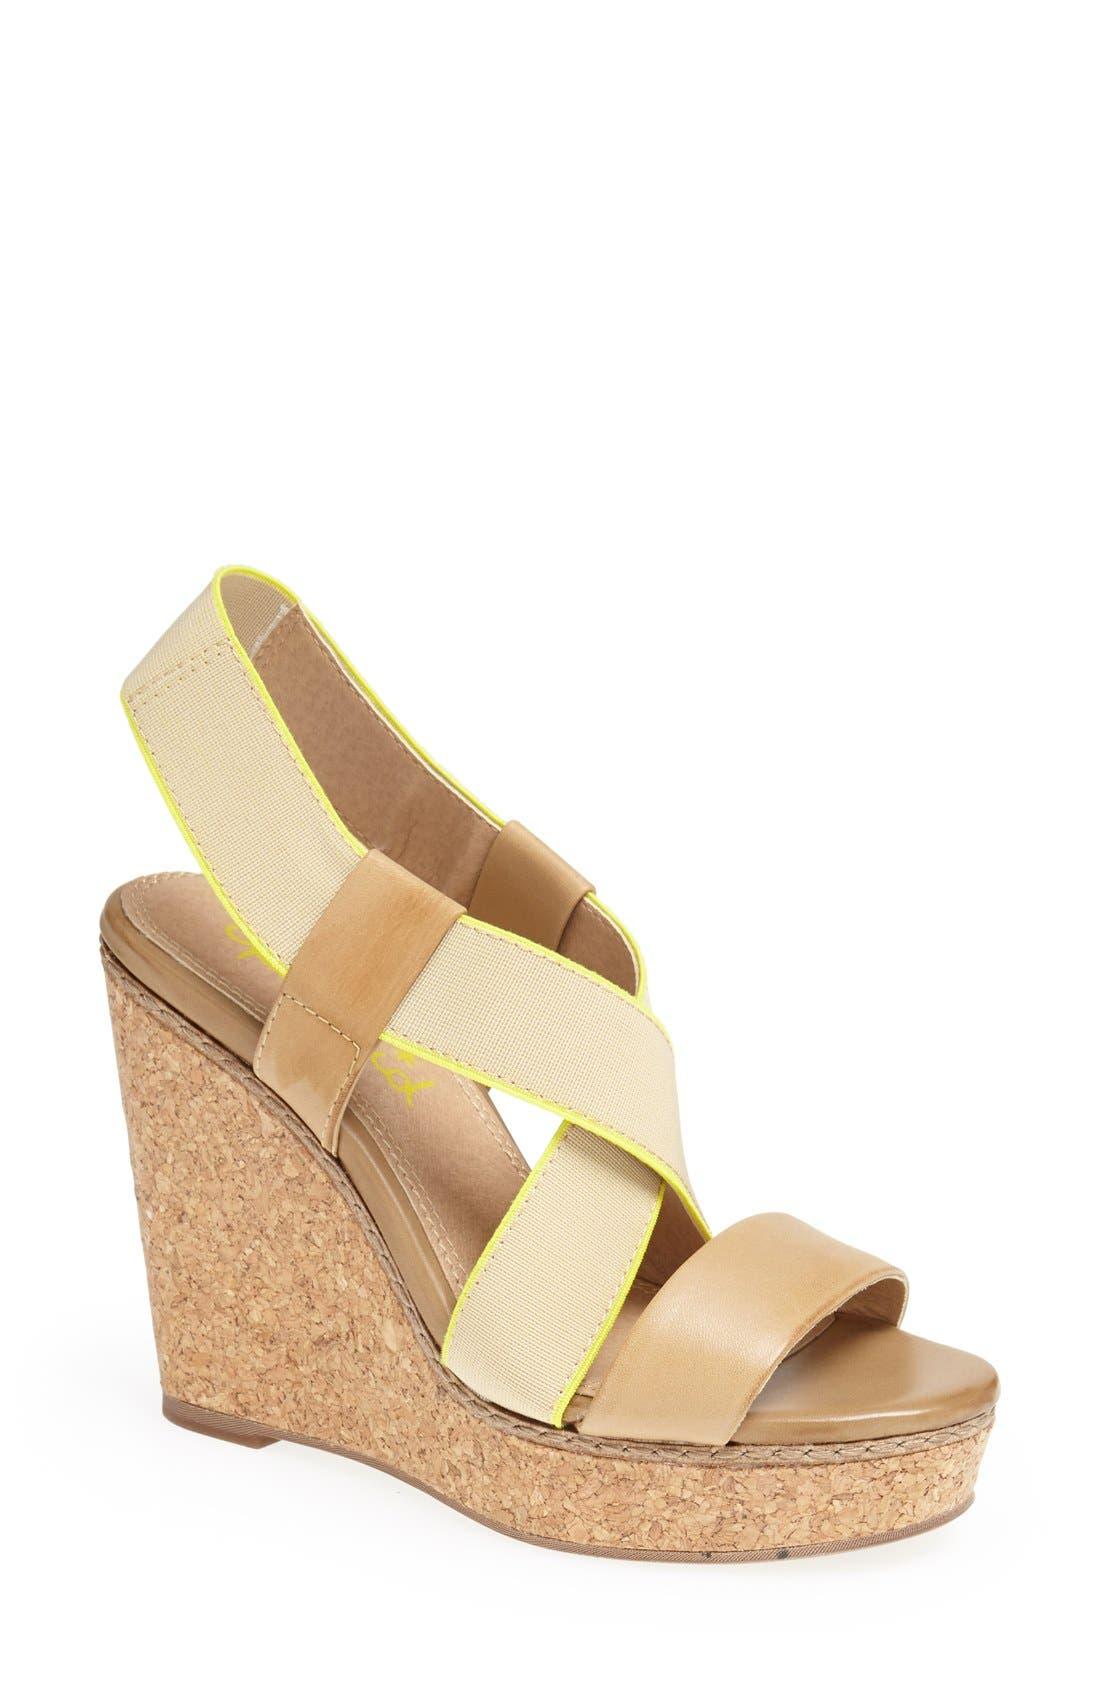 Alternate Image 1 Selected - Splendid 'Kellen' Sandal (Women)